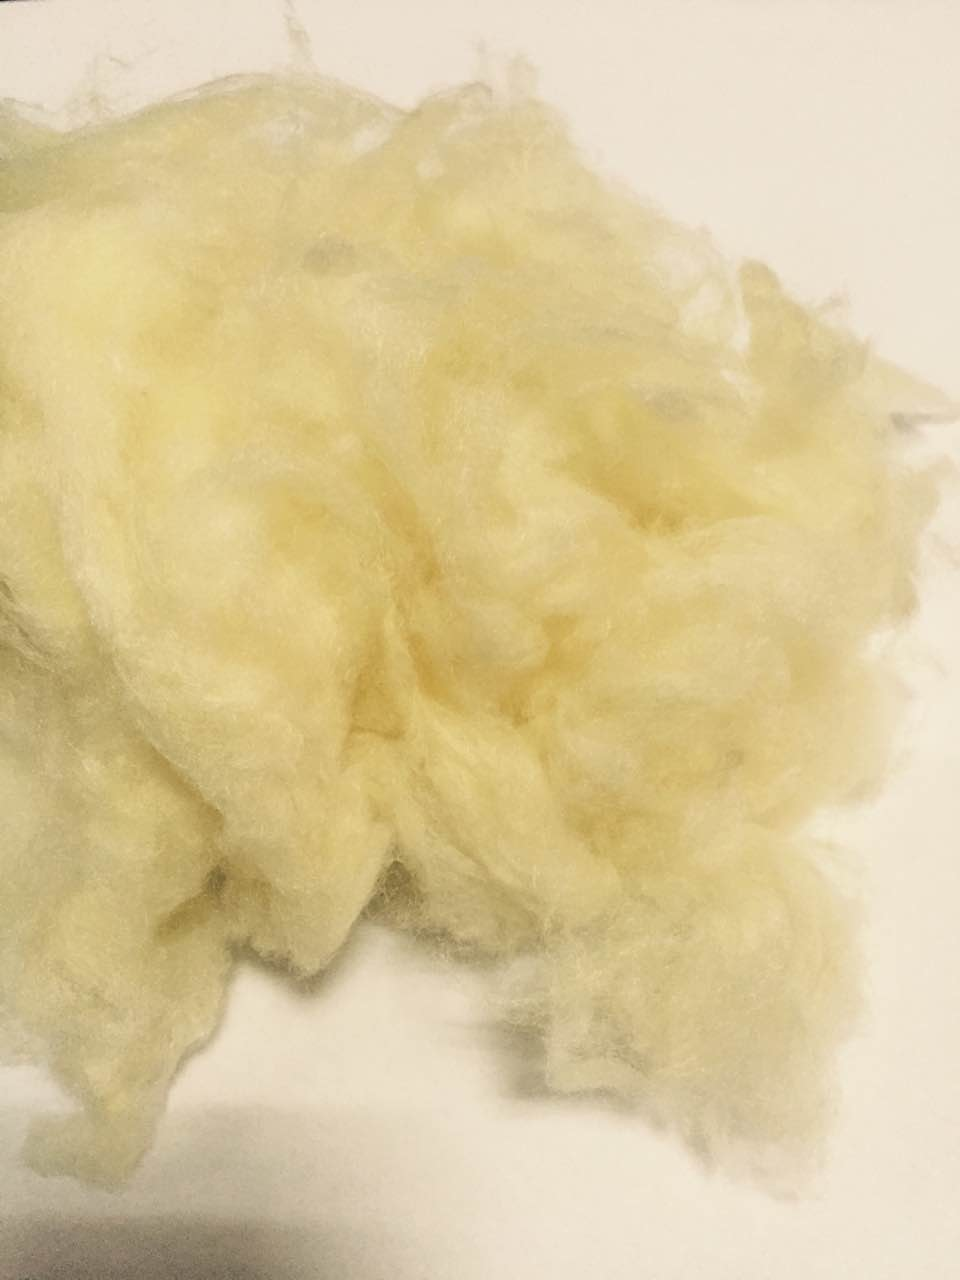 厂家推荐PTFE纤维-苏州质量硬的混纺短纤维哪里买